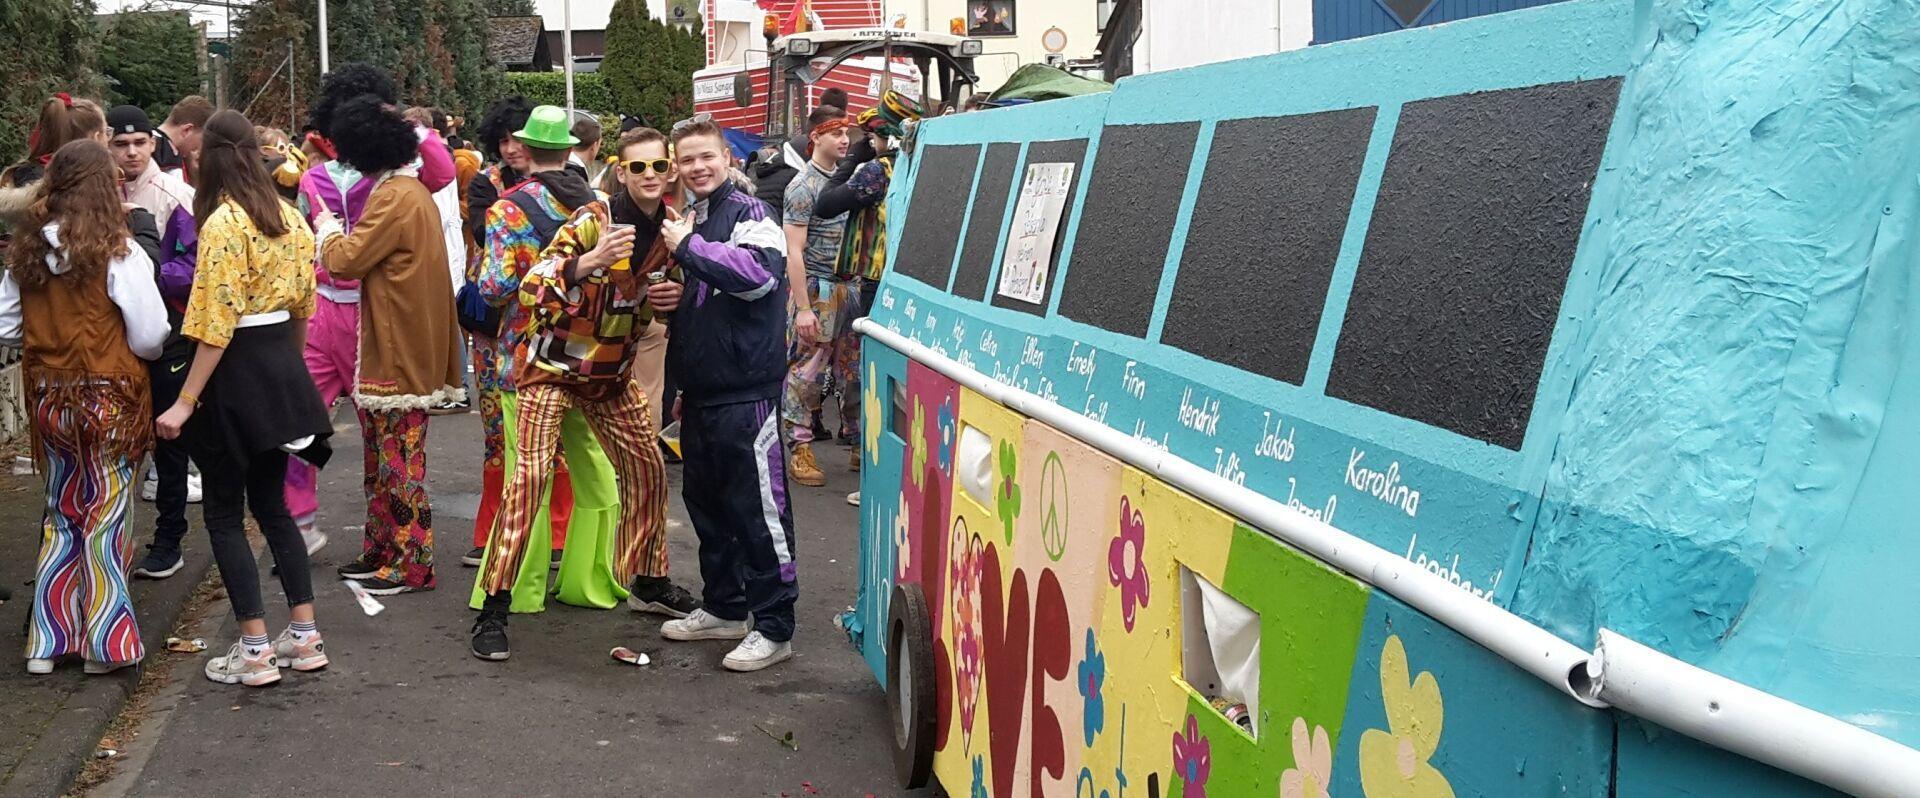 der JBS-Karnevalswagen, gebaut von Schüler*innen